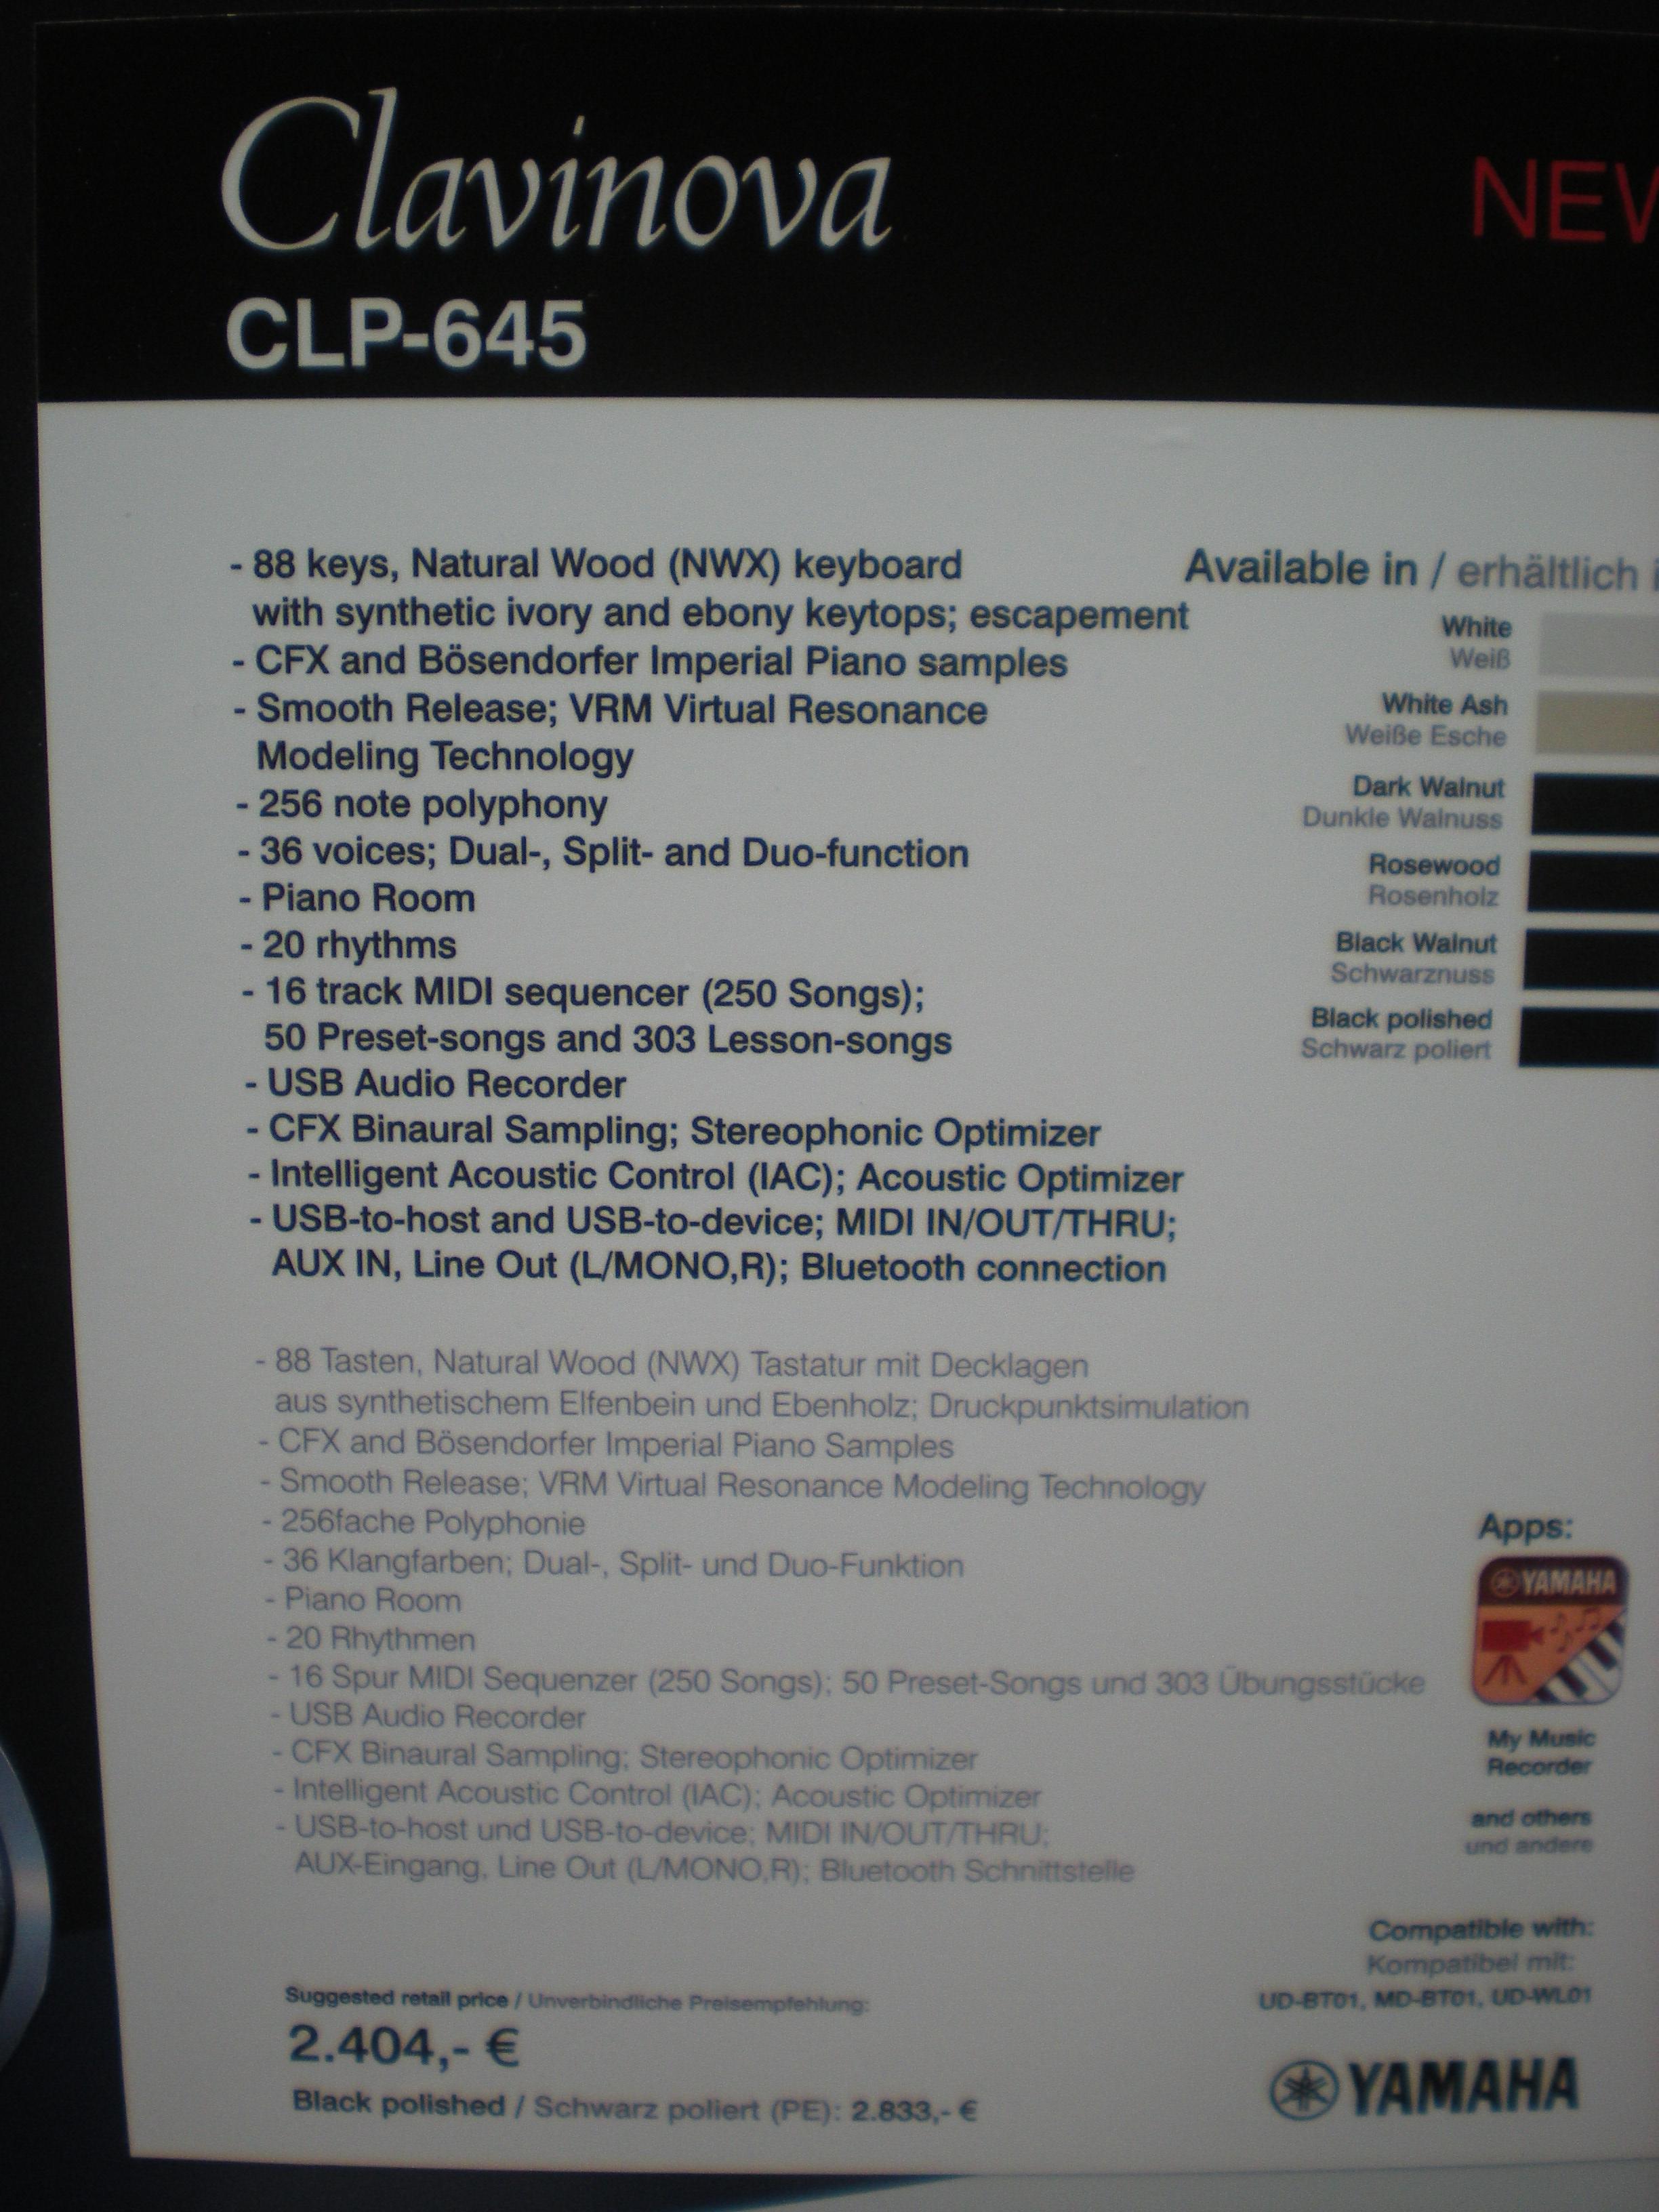 CLP-645 - specyfikacje